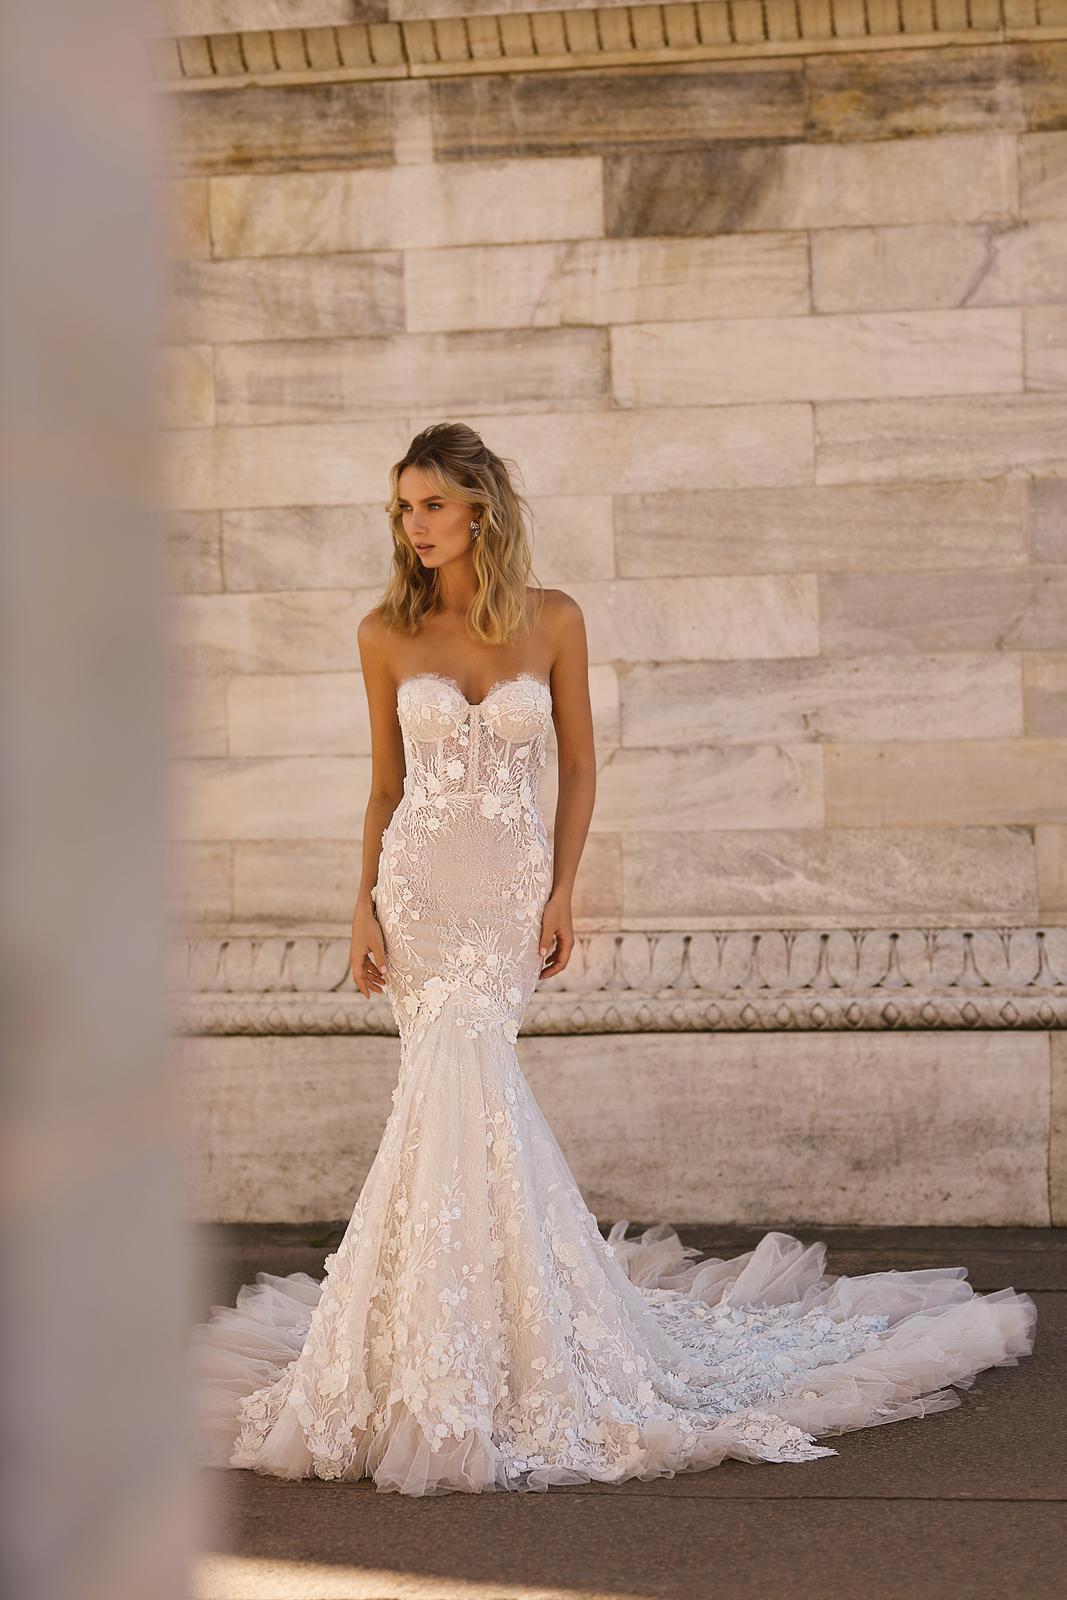 Svadobné šaty jar/leto 2020 BERTA Miláno - Obrázok č. 5